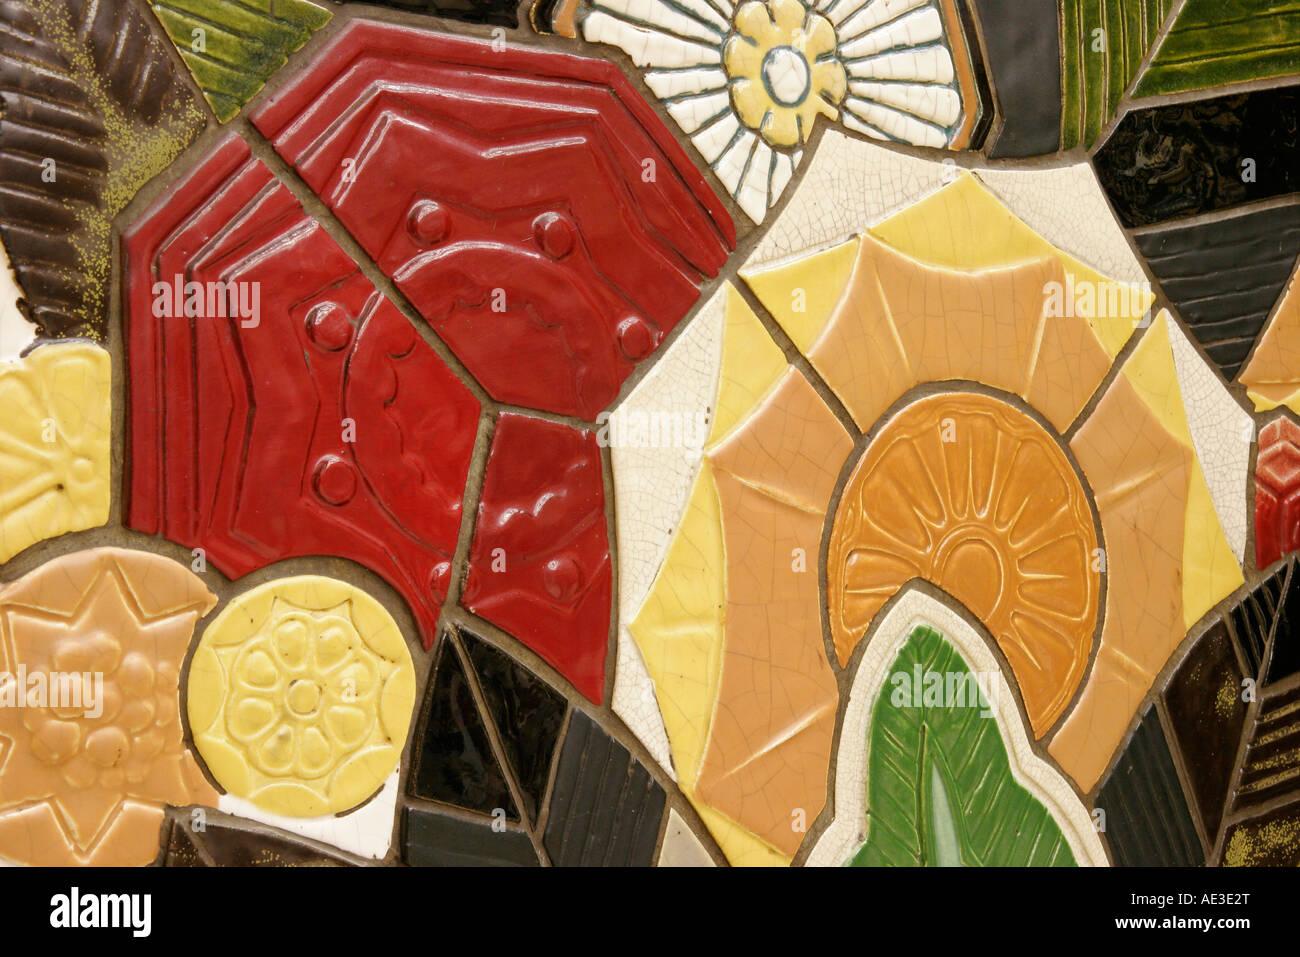 Ohio cincinnati carew tower art deco ceramic tile detail stock ohio cincinnati carew tower art deco ceramic tile detail dailygadgetfo Gallery